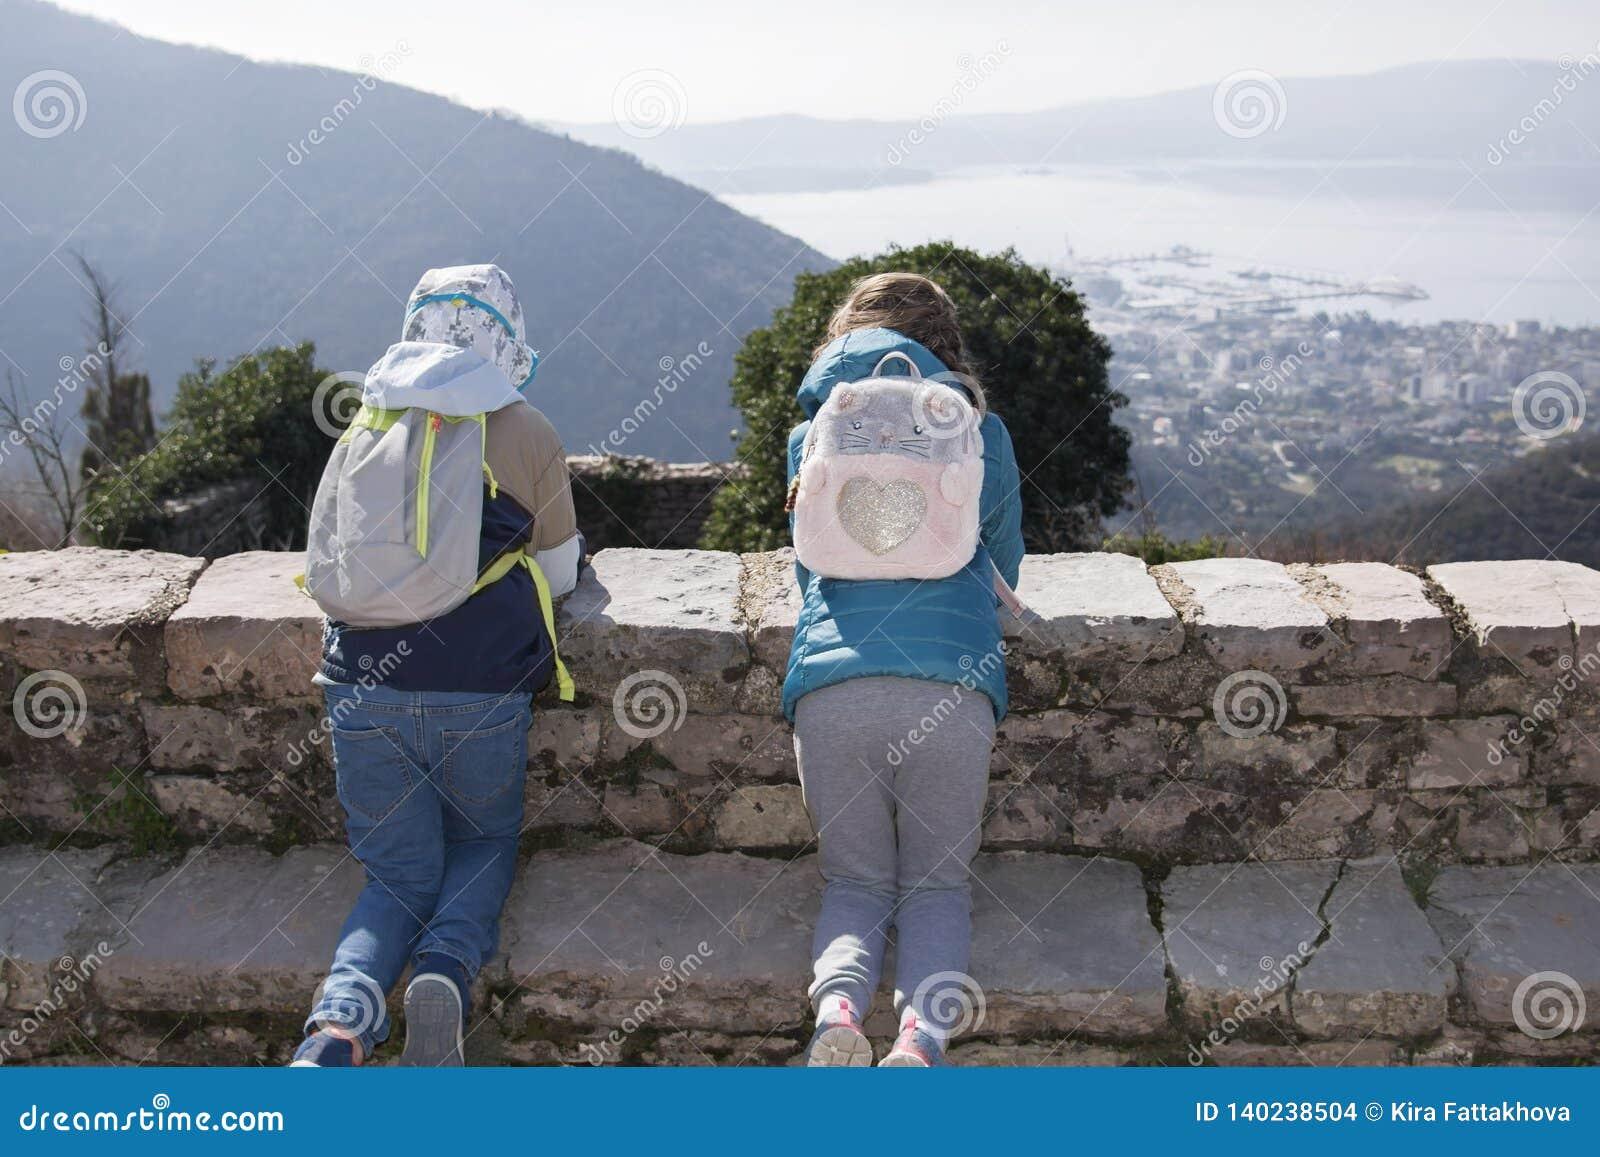 Δύο παιδιά γονατίζουν σε έναν τοίχο πετρών σε ένα ορεινό χωριό την πρώιμη άνοιξη και εξετάζουν κάτω τον κόλπο και την πόλη, Gornj